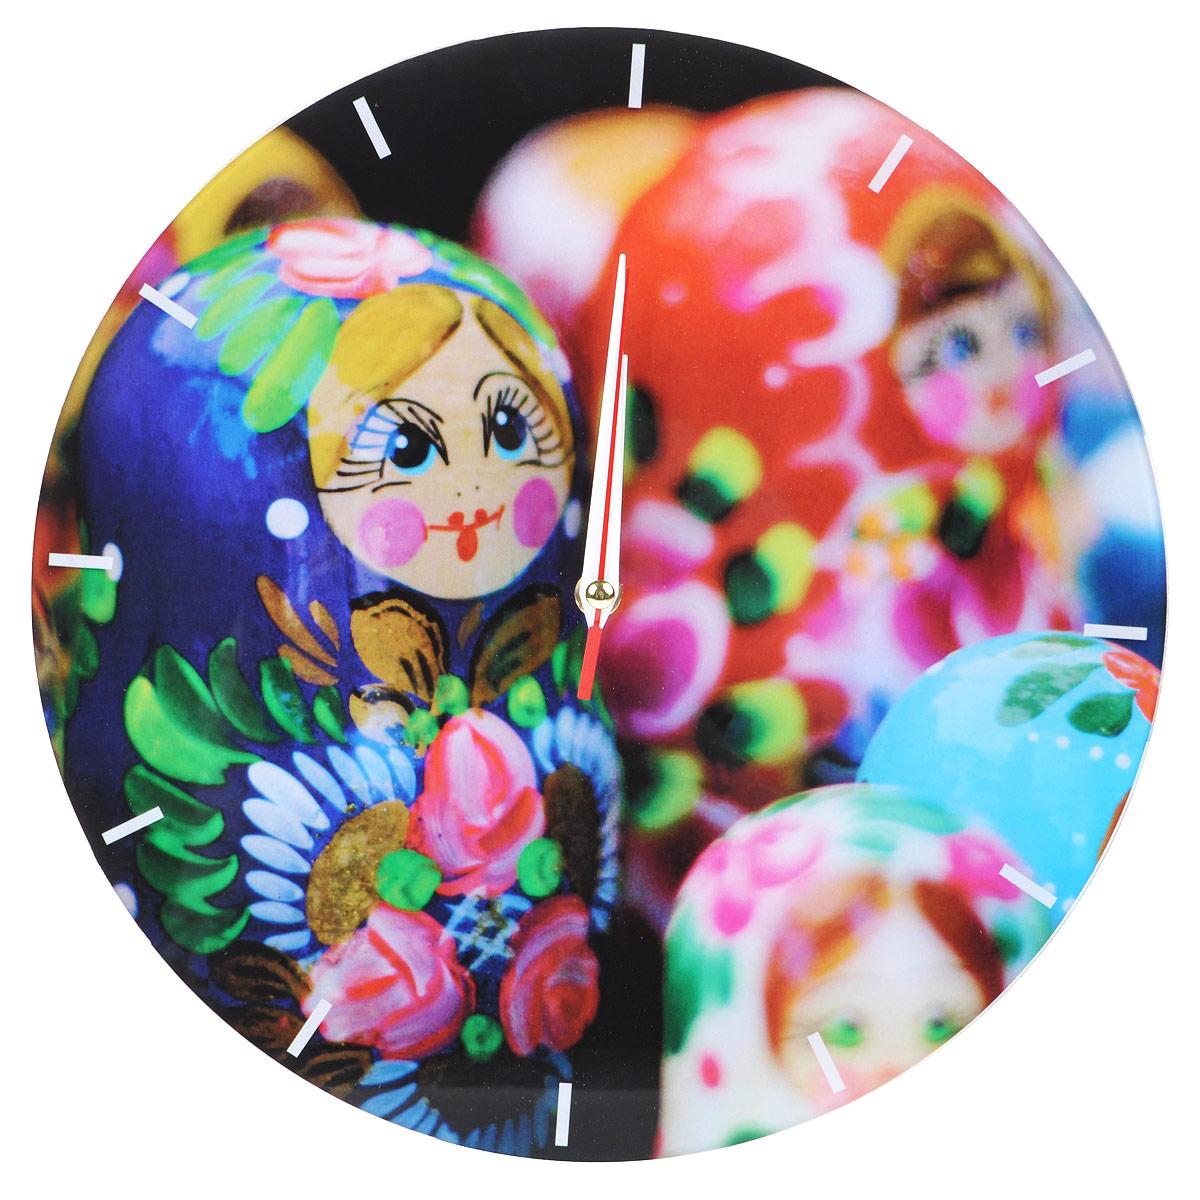 Часы настенные Матрешки, стеклянные, цвет: мульти. 95544300074_ежевикаОригинальные настенные часы Матрешки круглой формы выполнены из стекла и оформлены изображением матрешек. Часы имеют три стрелки - часовую, минутную и секундную. Циферблат часов не защищен. Необычное дизайнерское решение и качество исполнения придутся по вкусу каждому. Оформите свой дом таким интерьерным аксессуаром или преподнесите его в качестве презента друзьям, и они оценят ваш оригинальный вкус и неординарность подарка. Характеристики:Материал: пластик, стекло. Диаметр: 28 см. Работают от батарейки типа АА (в комплект не входит).